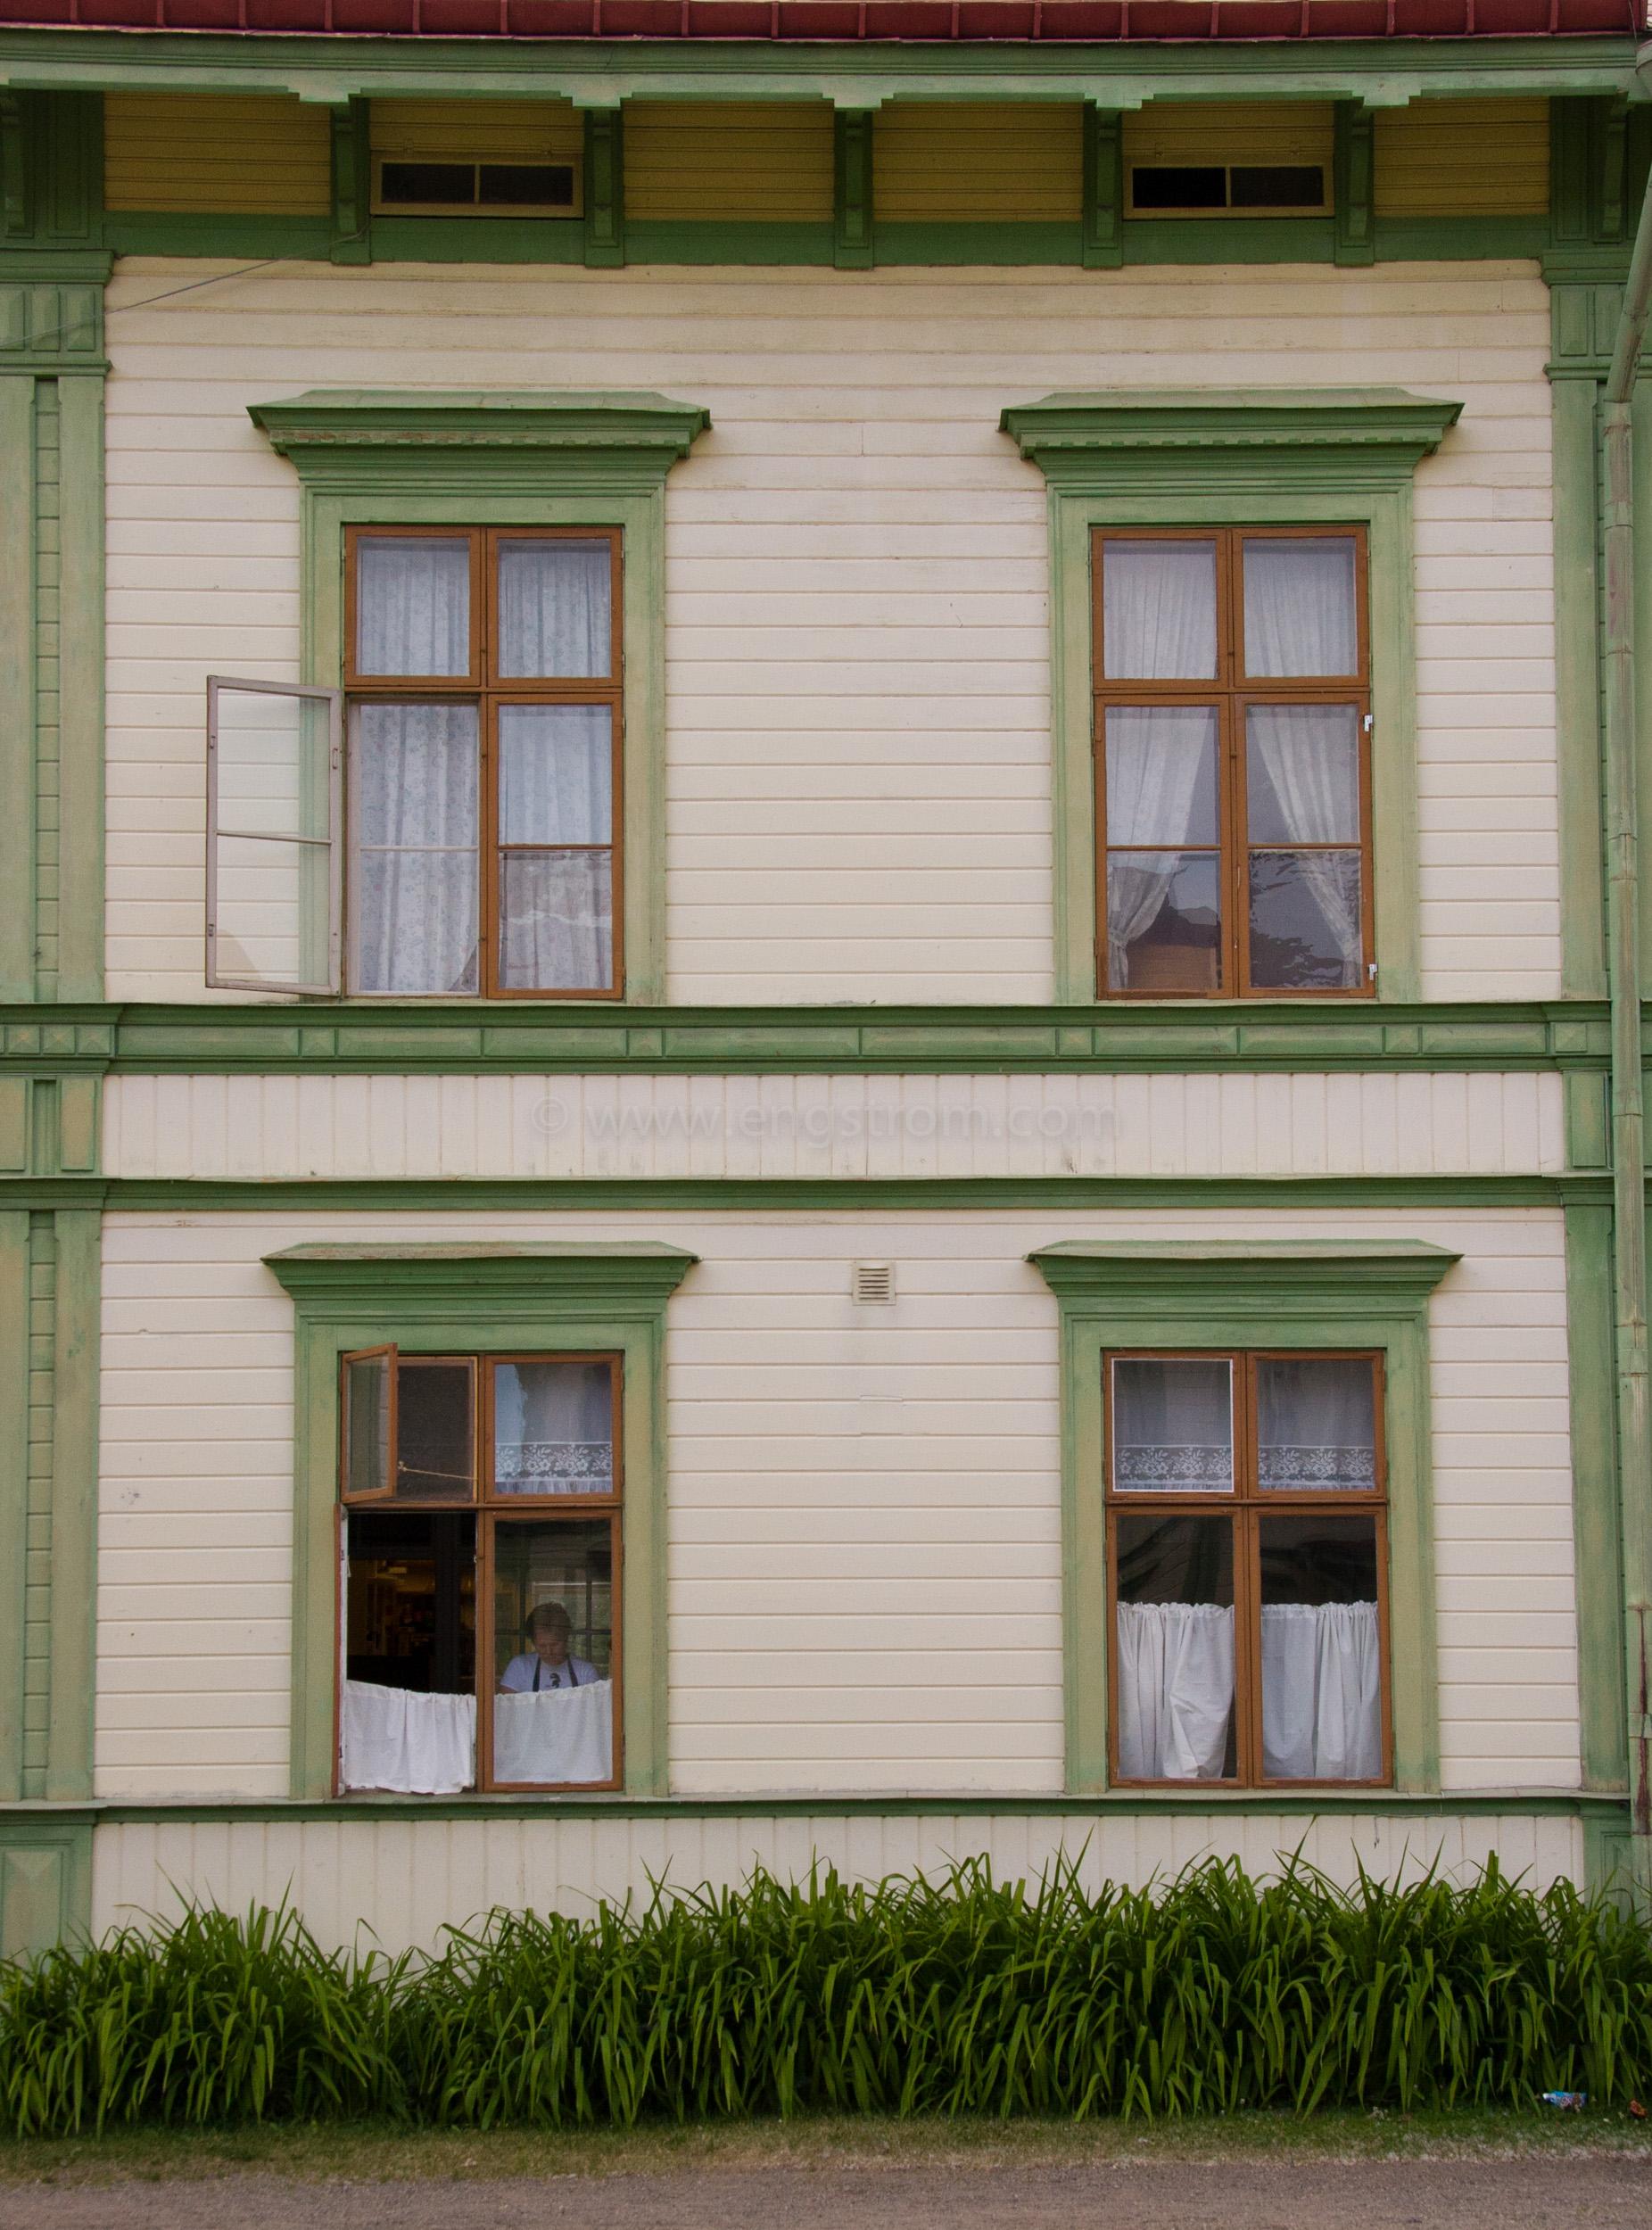 JE_11551, Trähus med gröna knutar, Järvsö, Jonas Engström